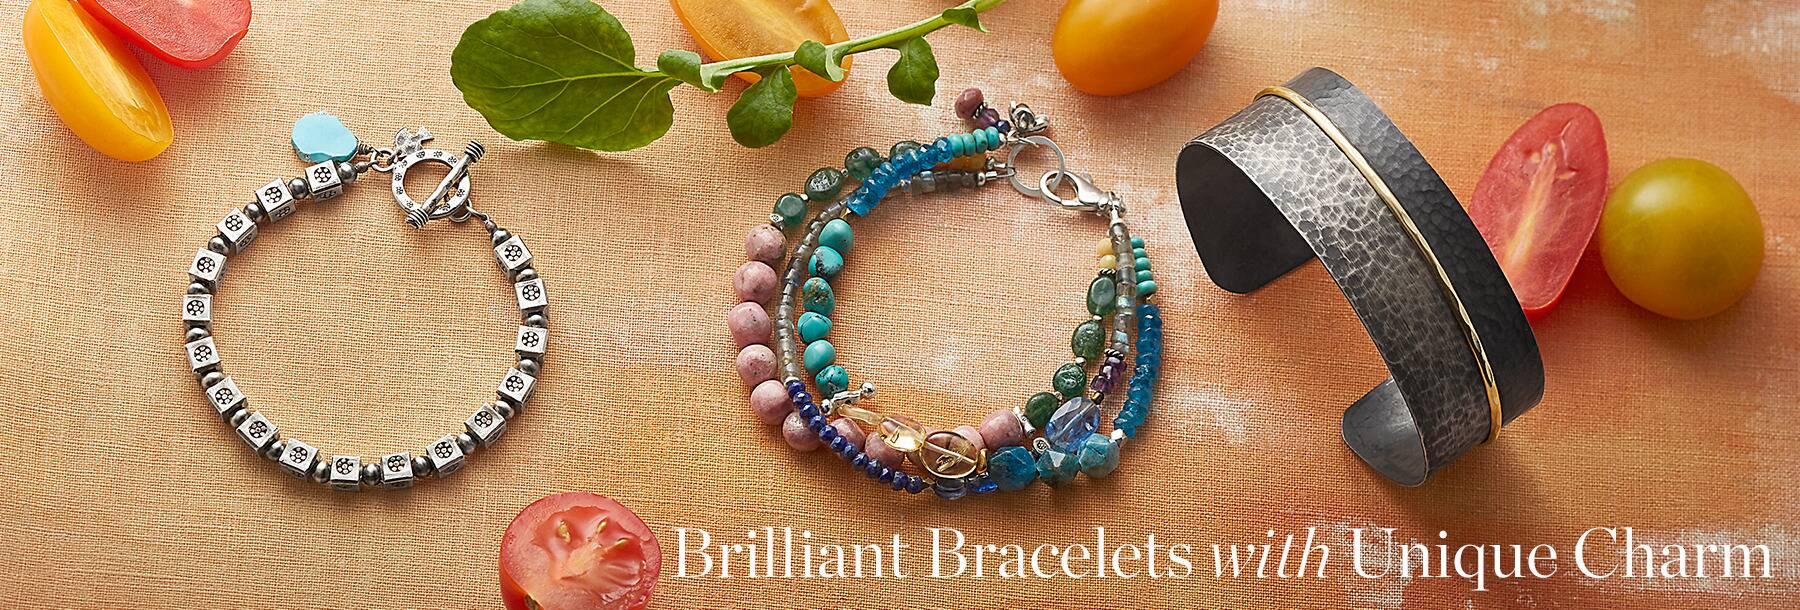 04b7a3bed9de1 Handmade Bracelets | Robert Redford's Sundance Catalog